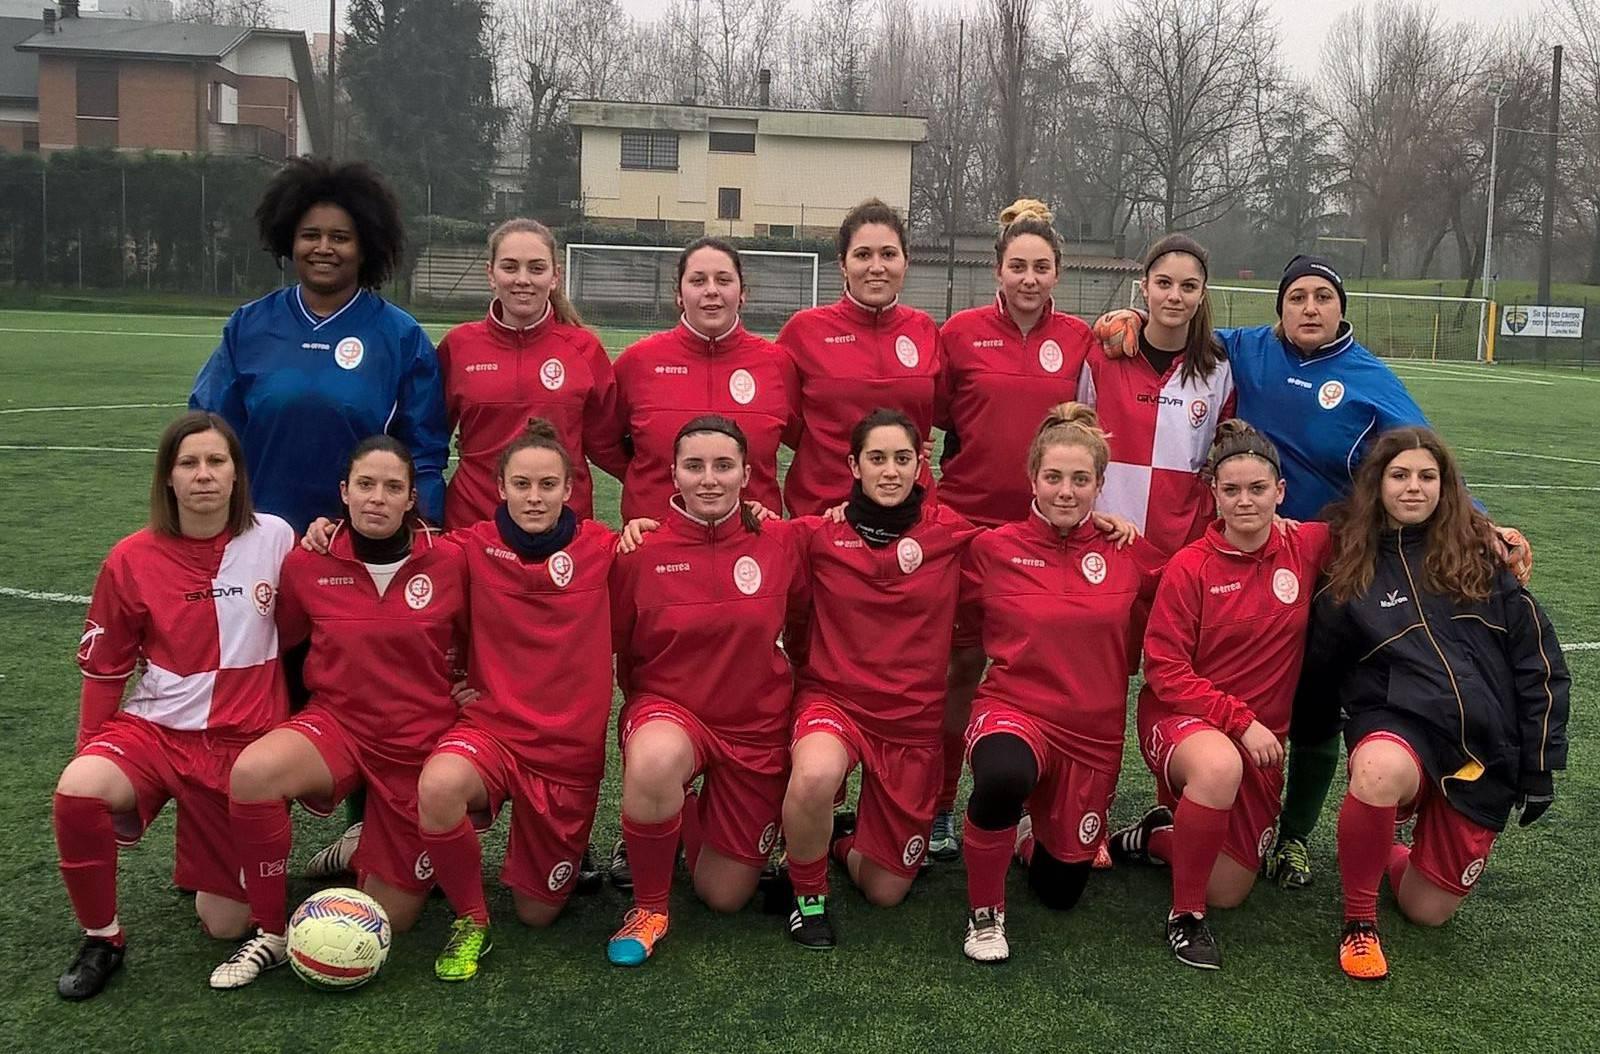 San Paolo-Femminile Rimini 2-6